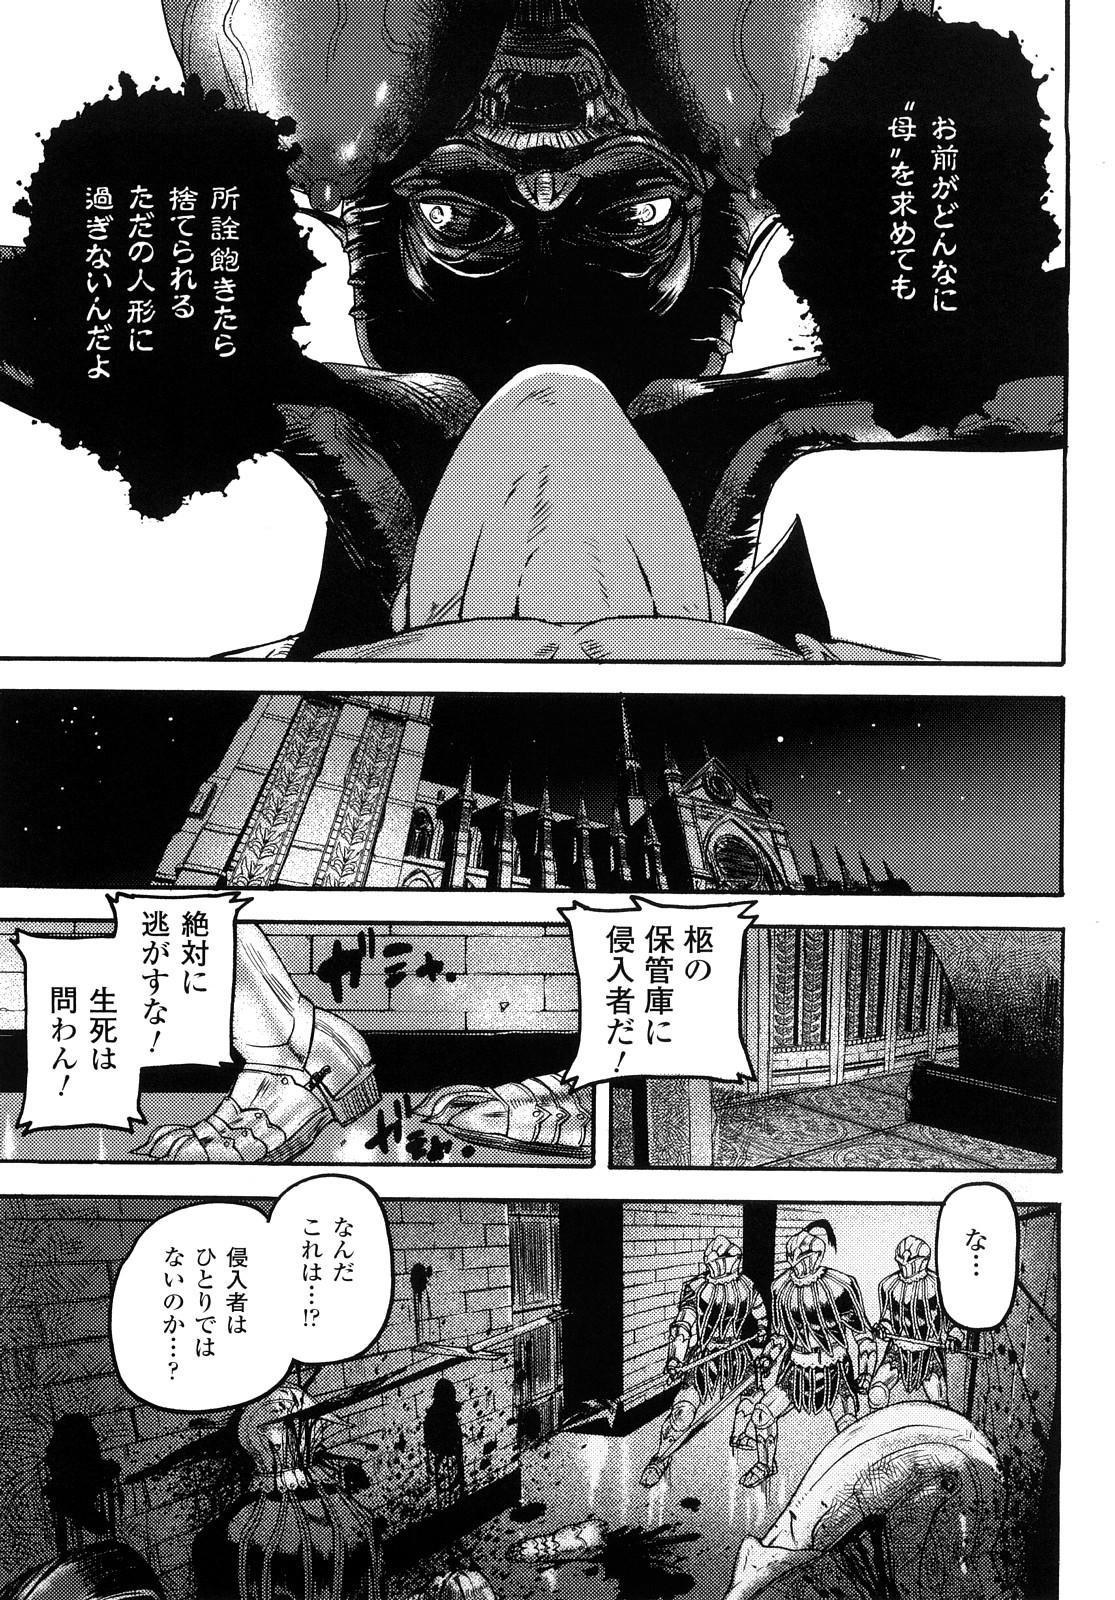 Cerberum no Hitsugi Haitoku no Hanmegami - The Coffin of Cerebrum Immoral Demivenus 103